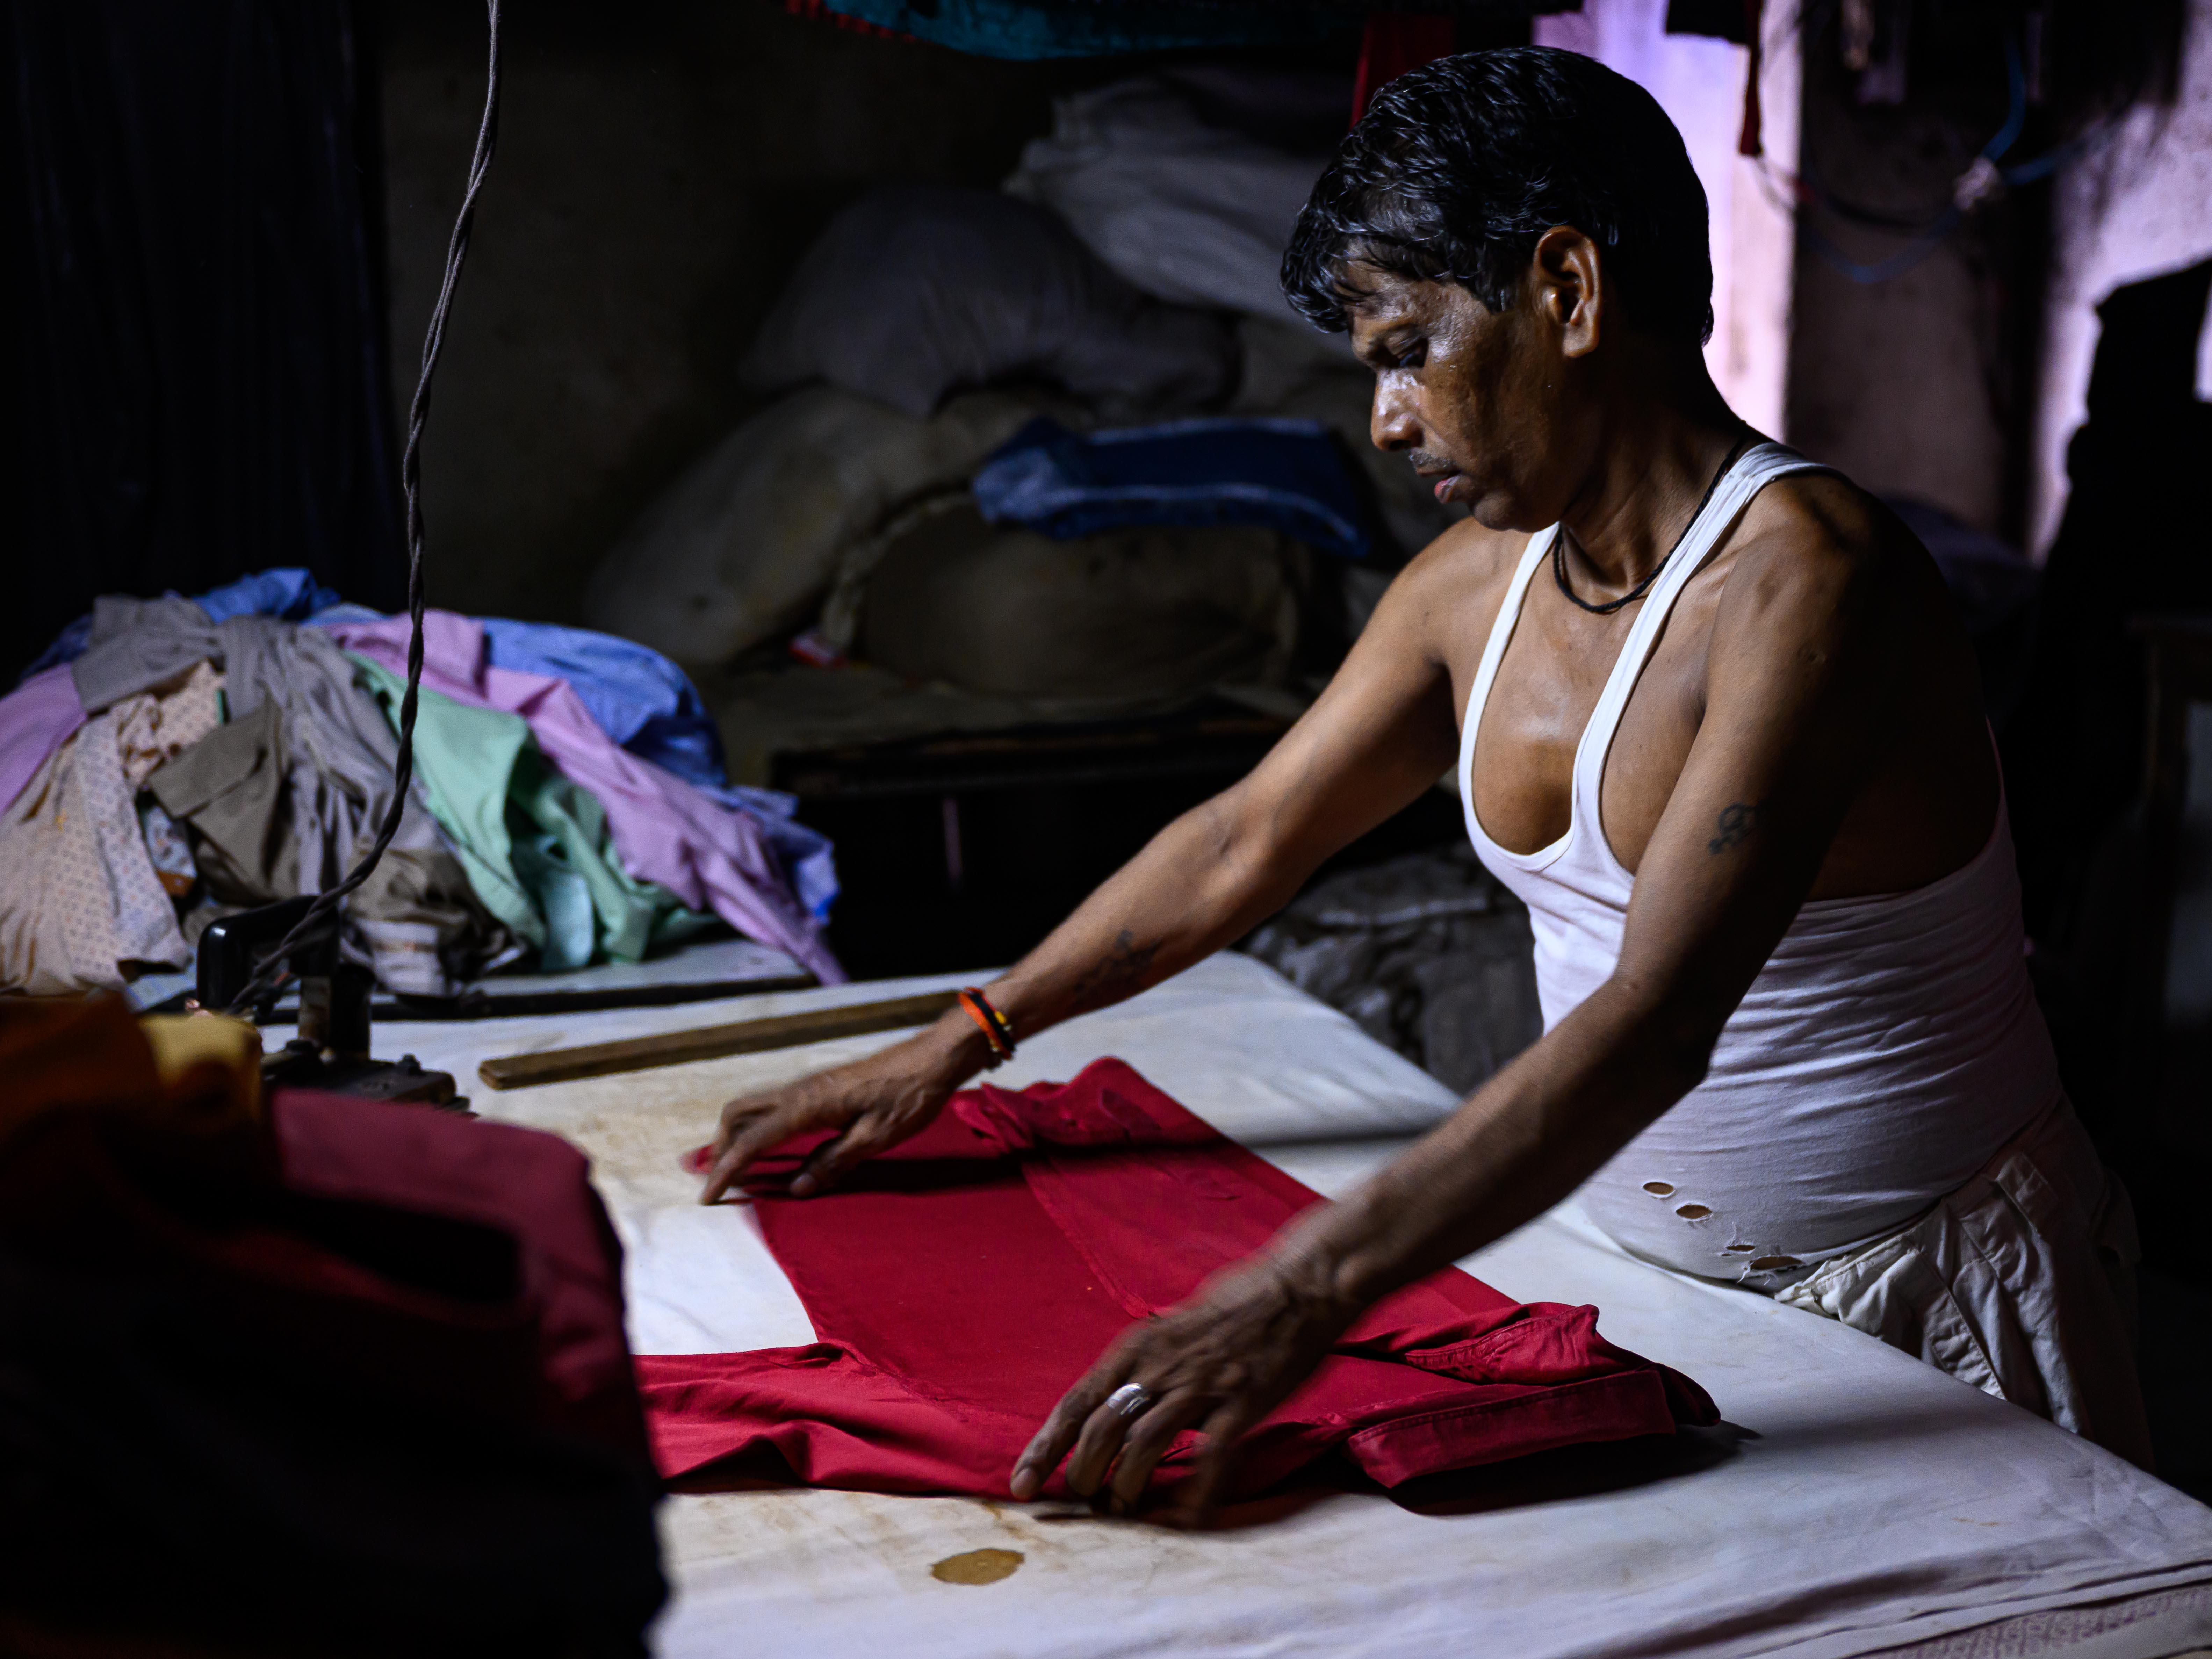 Dhobi Ghat - Mumbais giant laundry